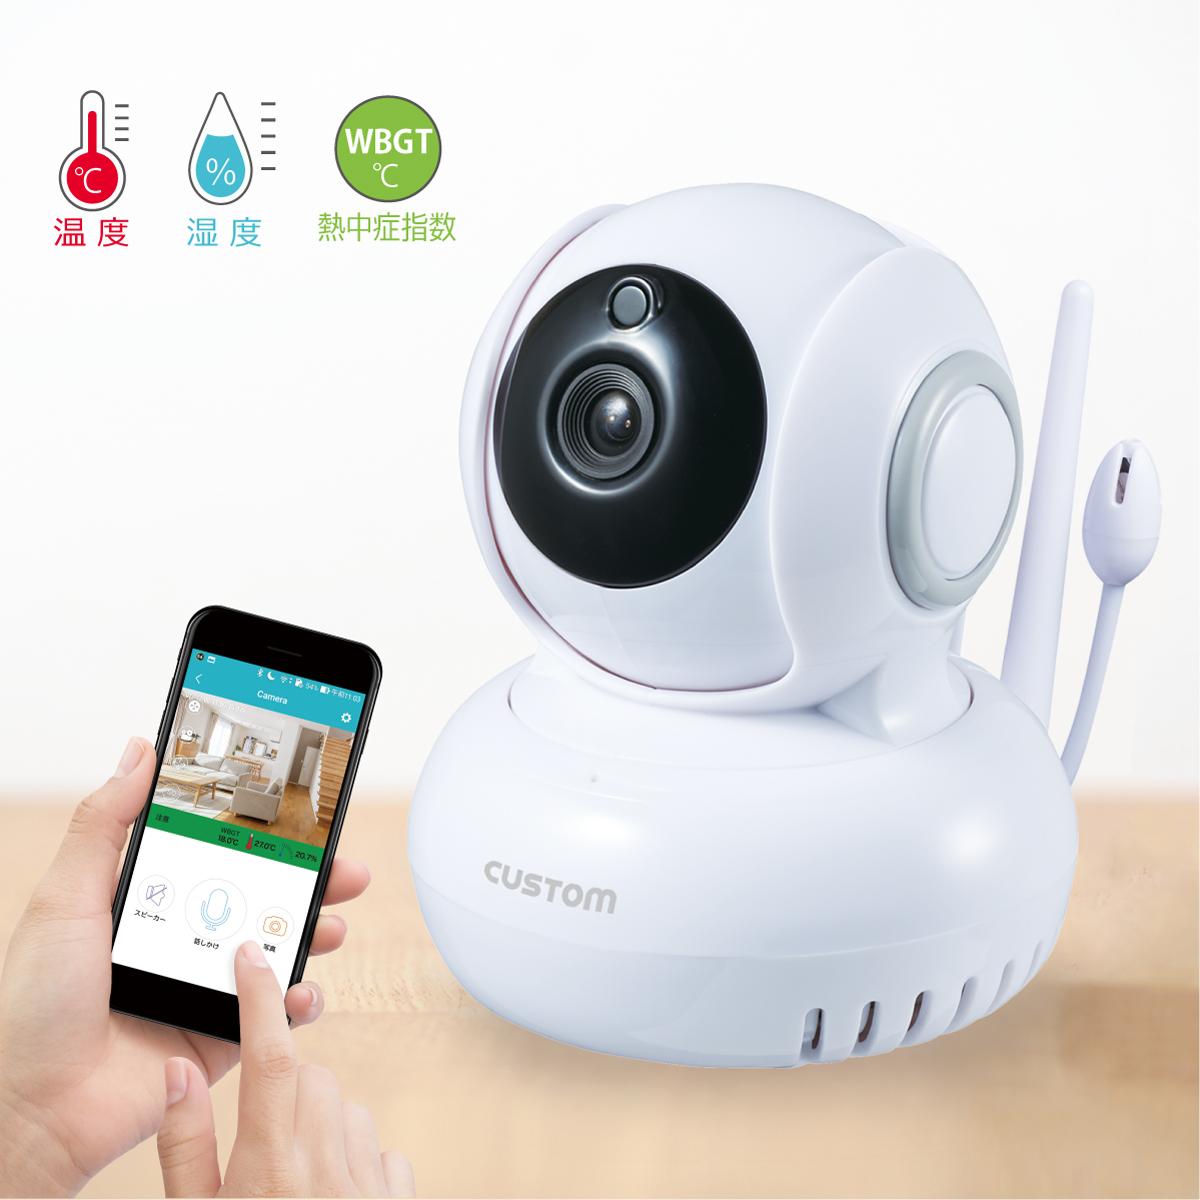 カスタム 温湿度センサー付IPカメラ IPC-02TH